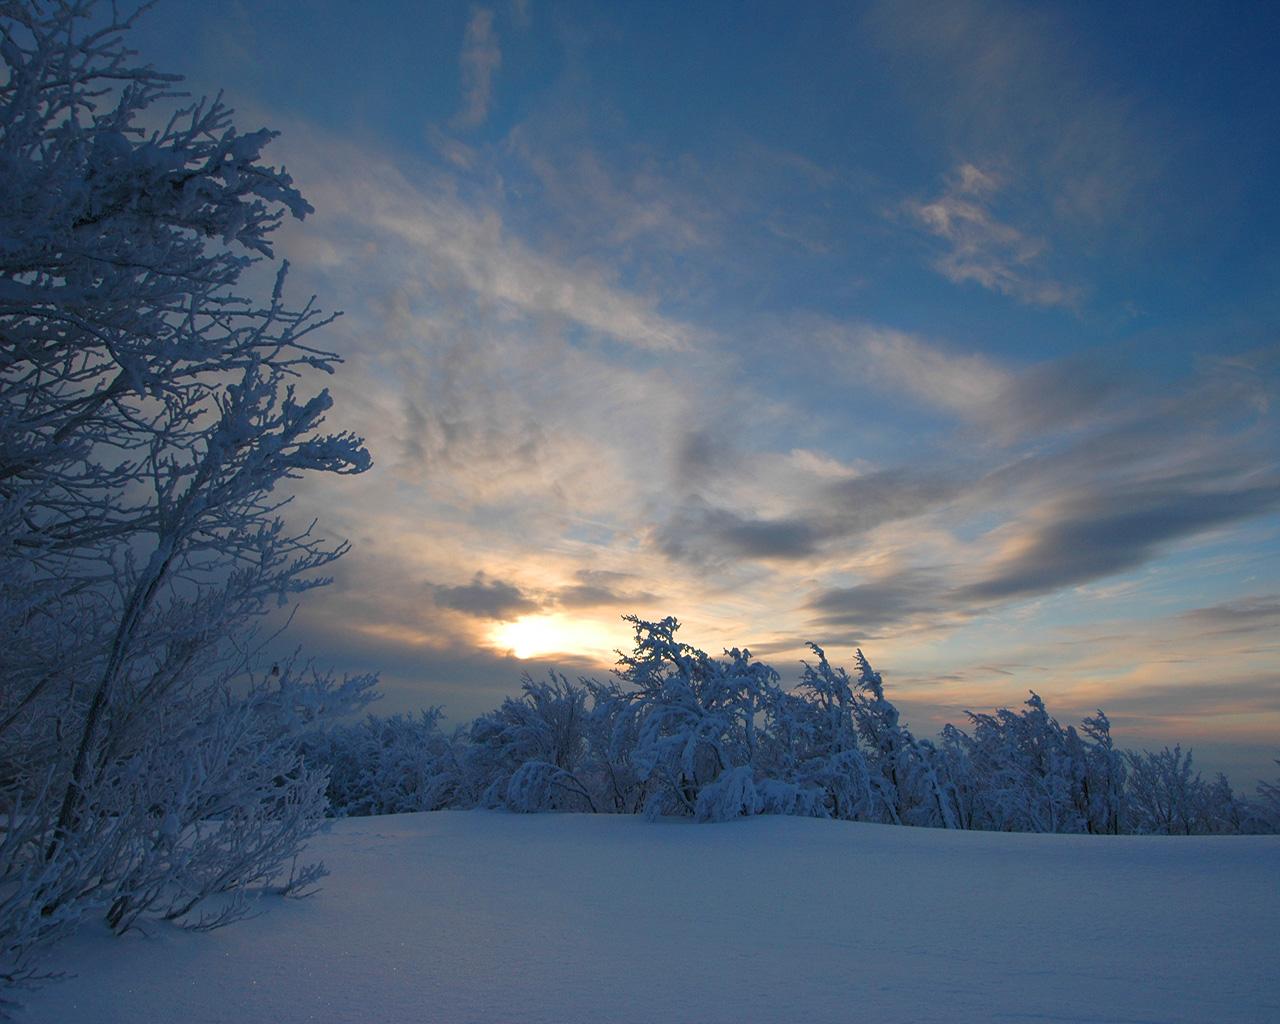 Beautiful Landscape Winter Wallpaper 550968 Fanpop